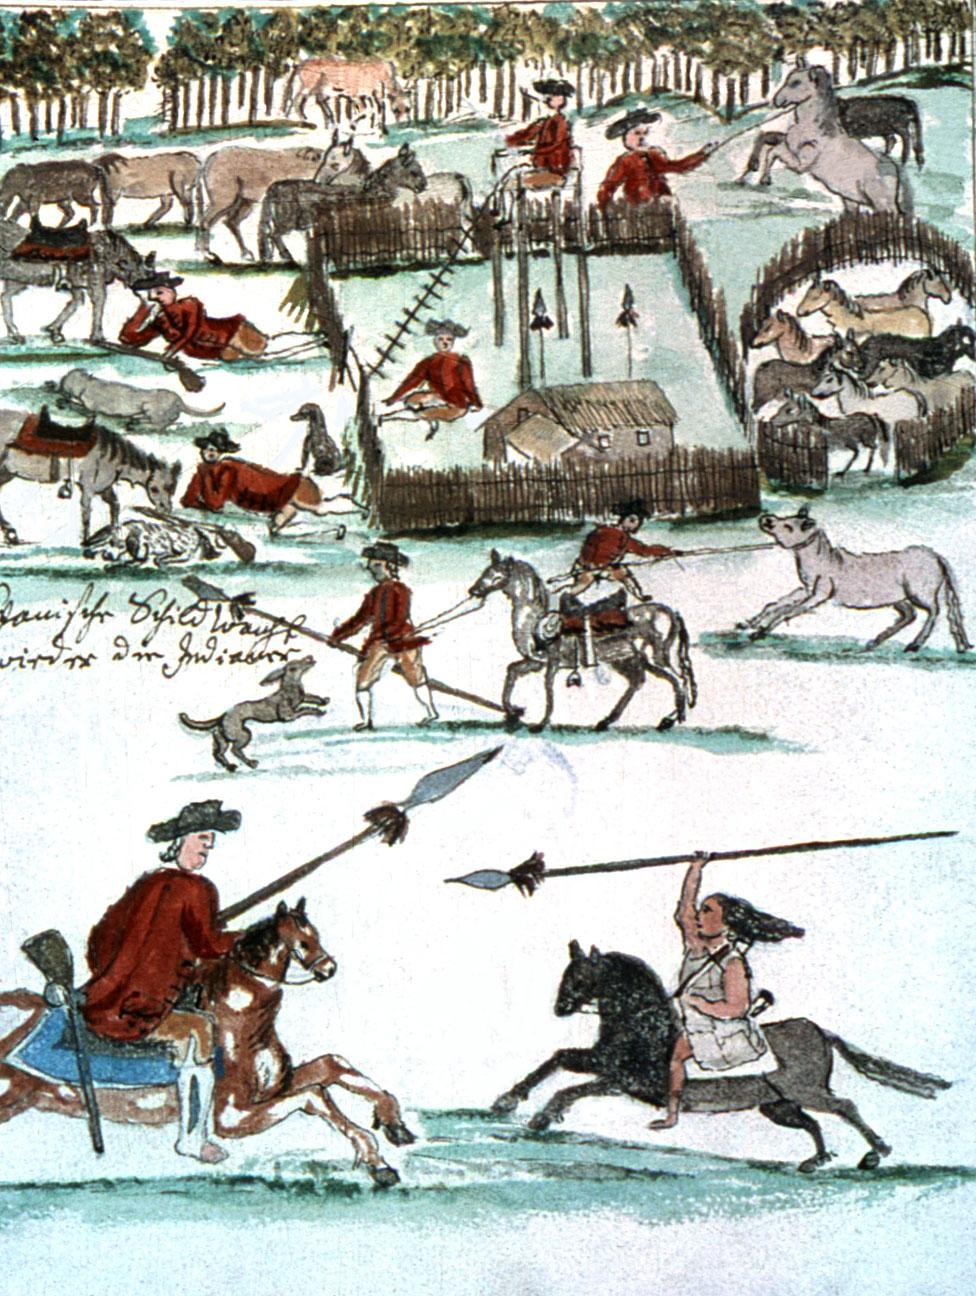 Soldados hispanoamericanos dispuestos a luchar contra los indios, dibujados por el jesuita Florian Baucke.